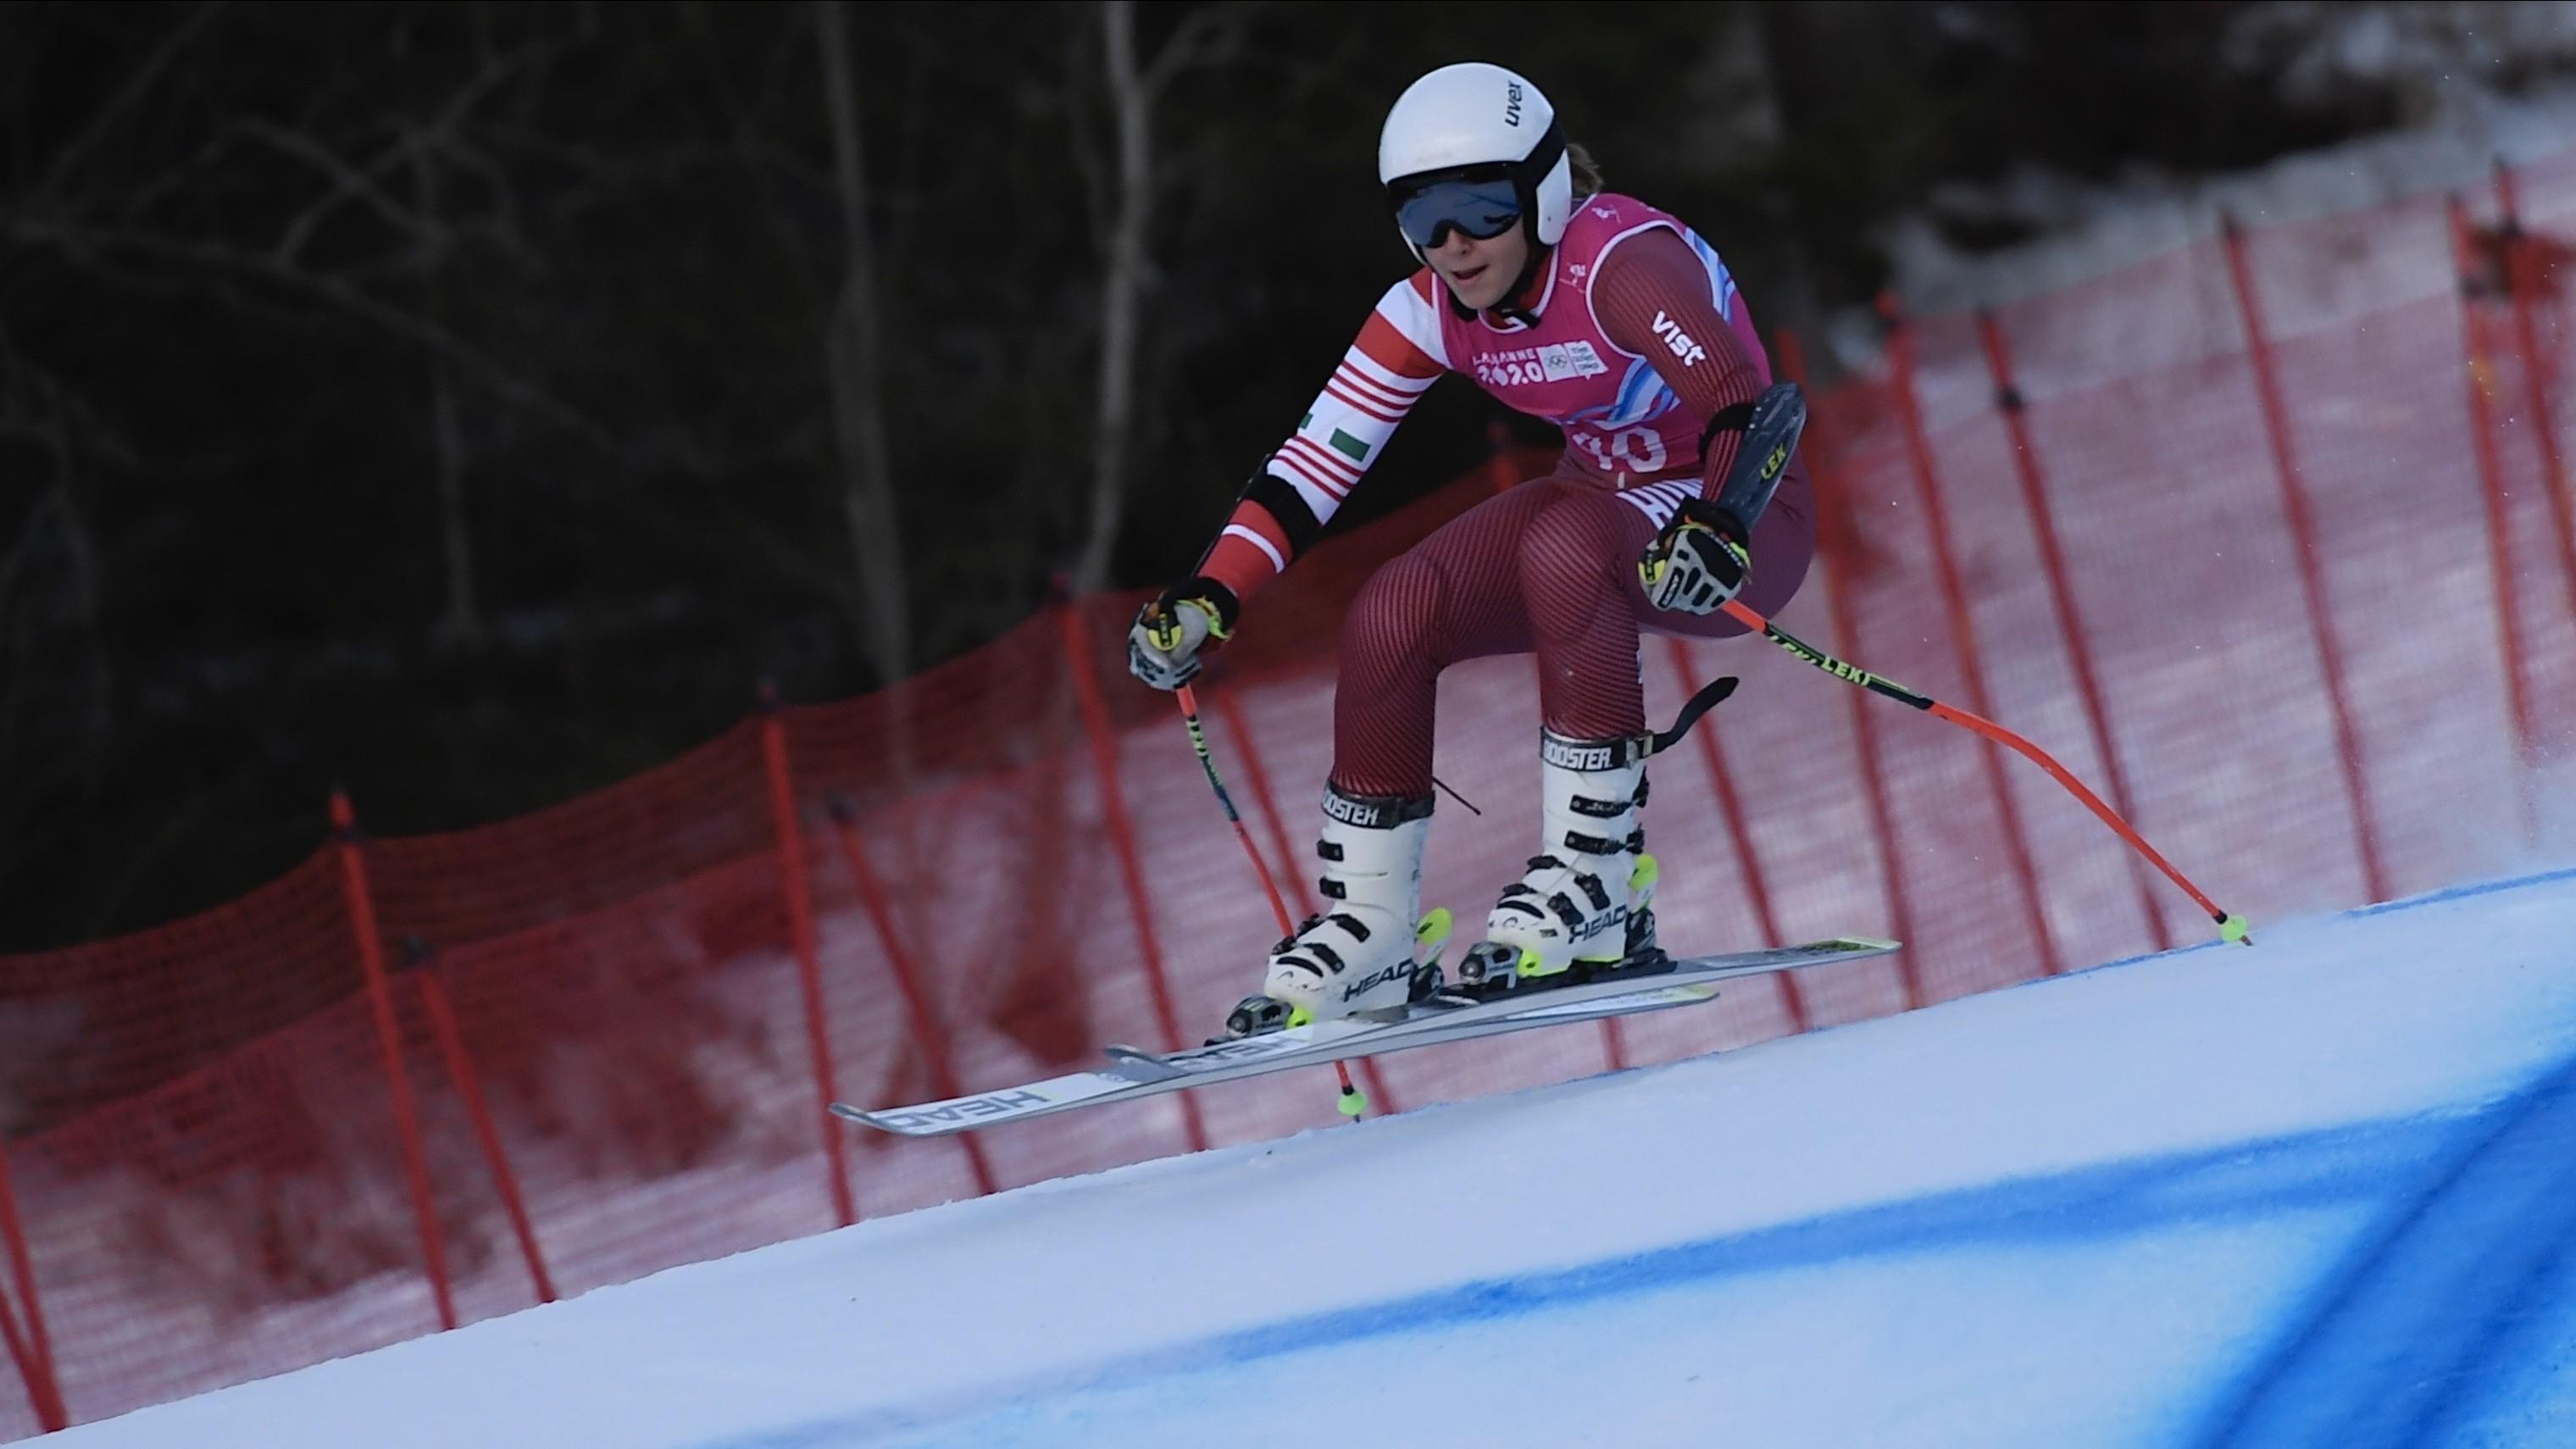 Elkezdődött a III. Téli Ifjúsági Olimpiai Játékok versenysorozata